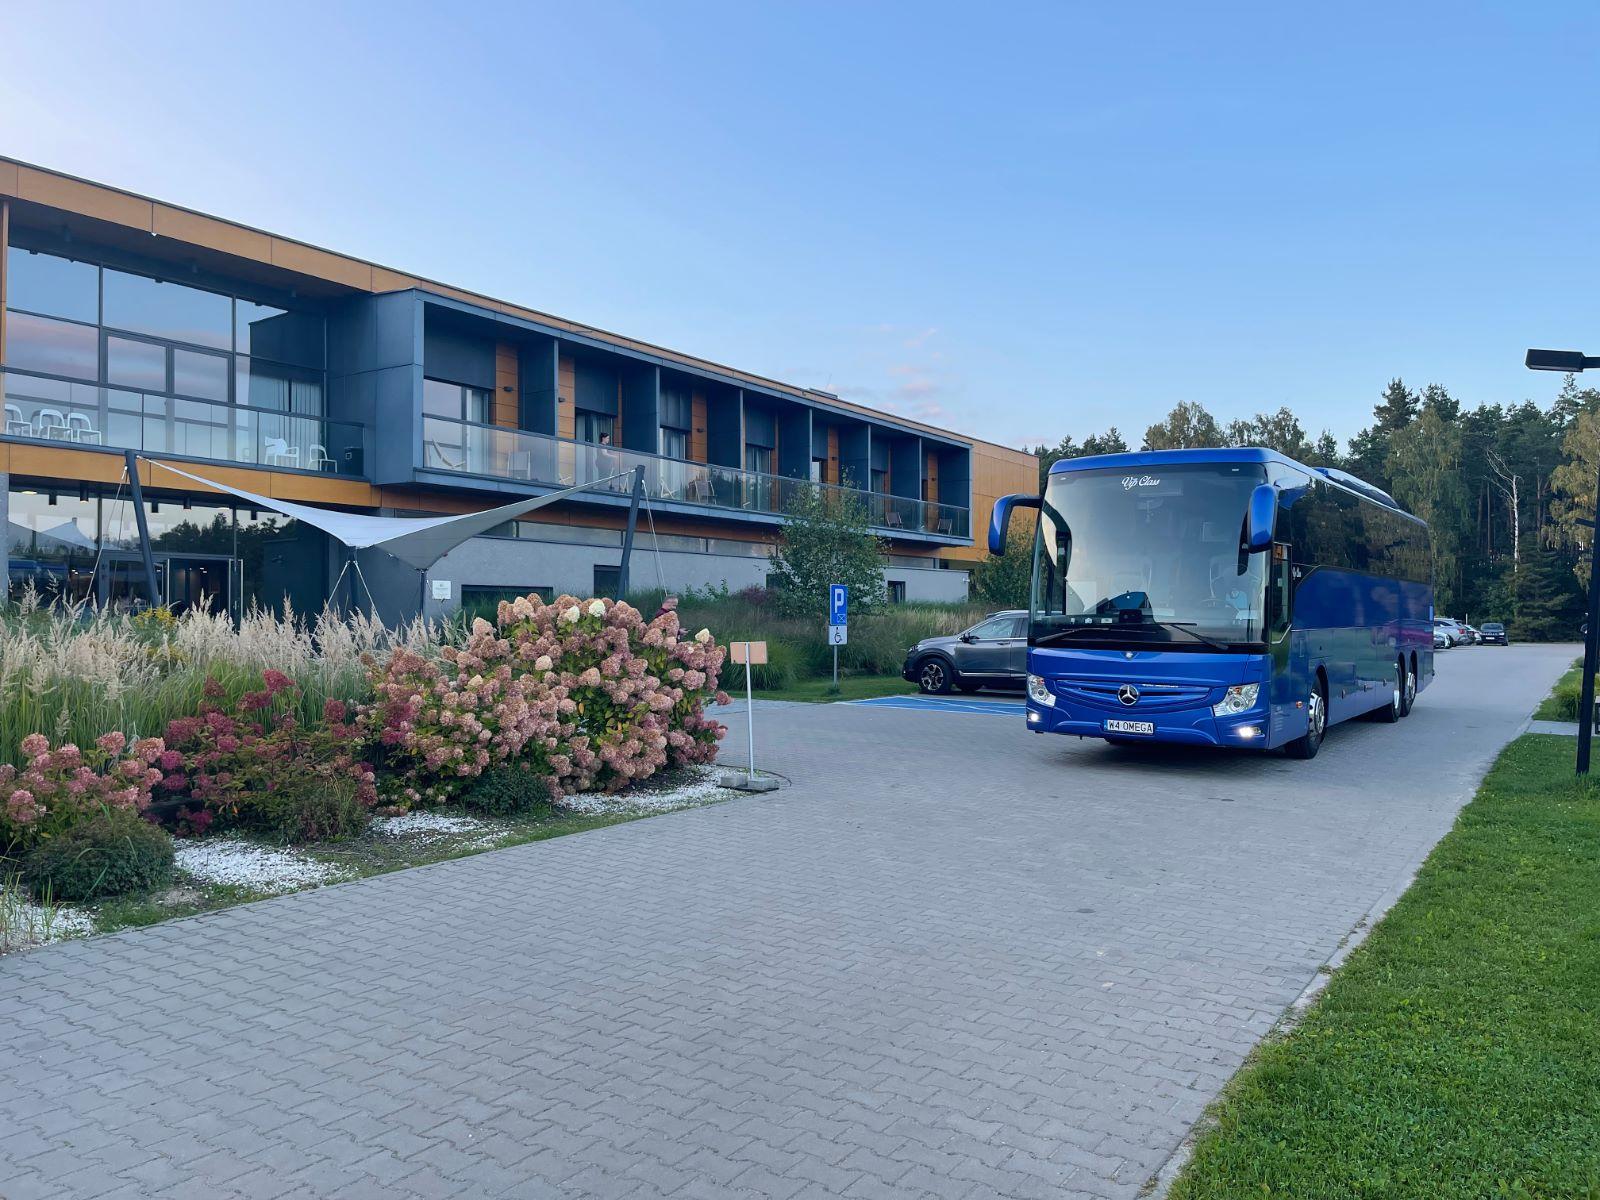 zdjęcie przedstawia wynajęty autokar turystyczne przed hotelem, któy przyjechał z Warszawy do miejscowości Sochocin